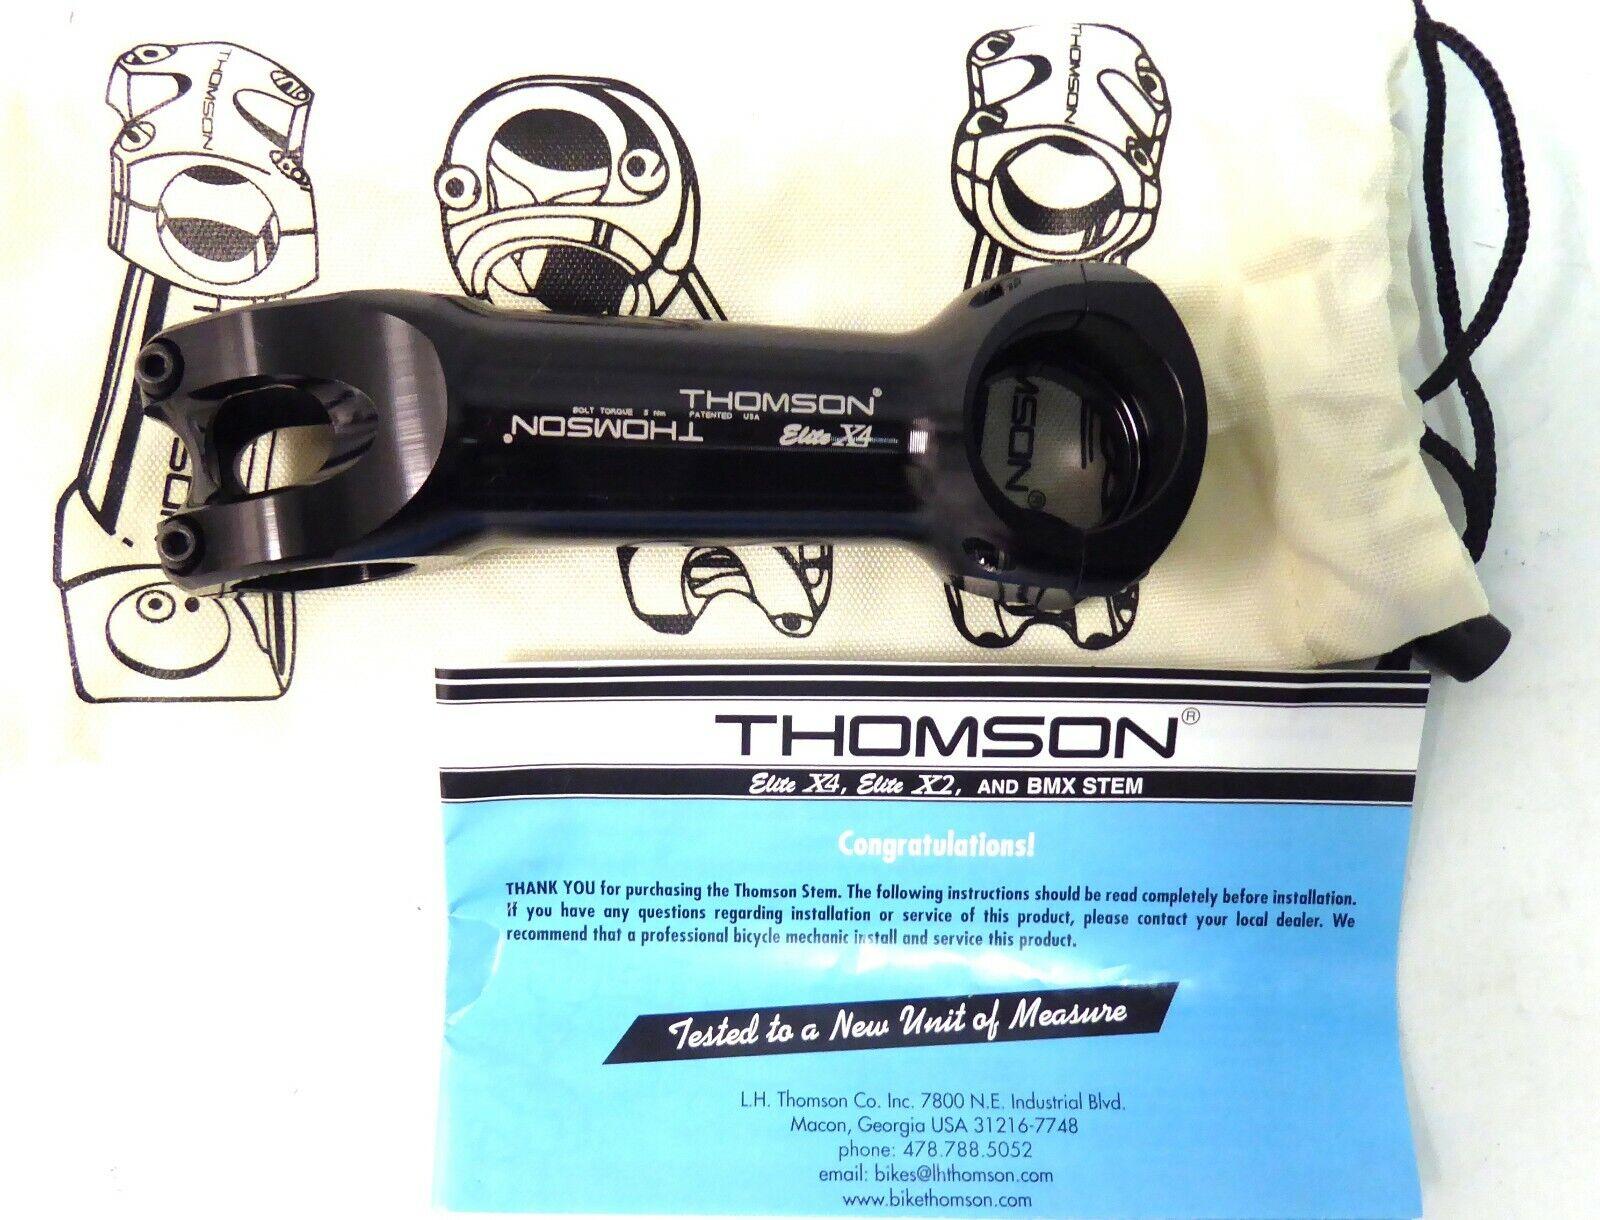 Vástago de montaña Thomson Elite X4 120mm + - 10 grado 31.8